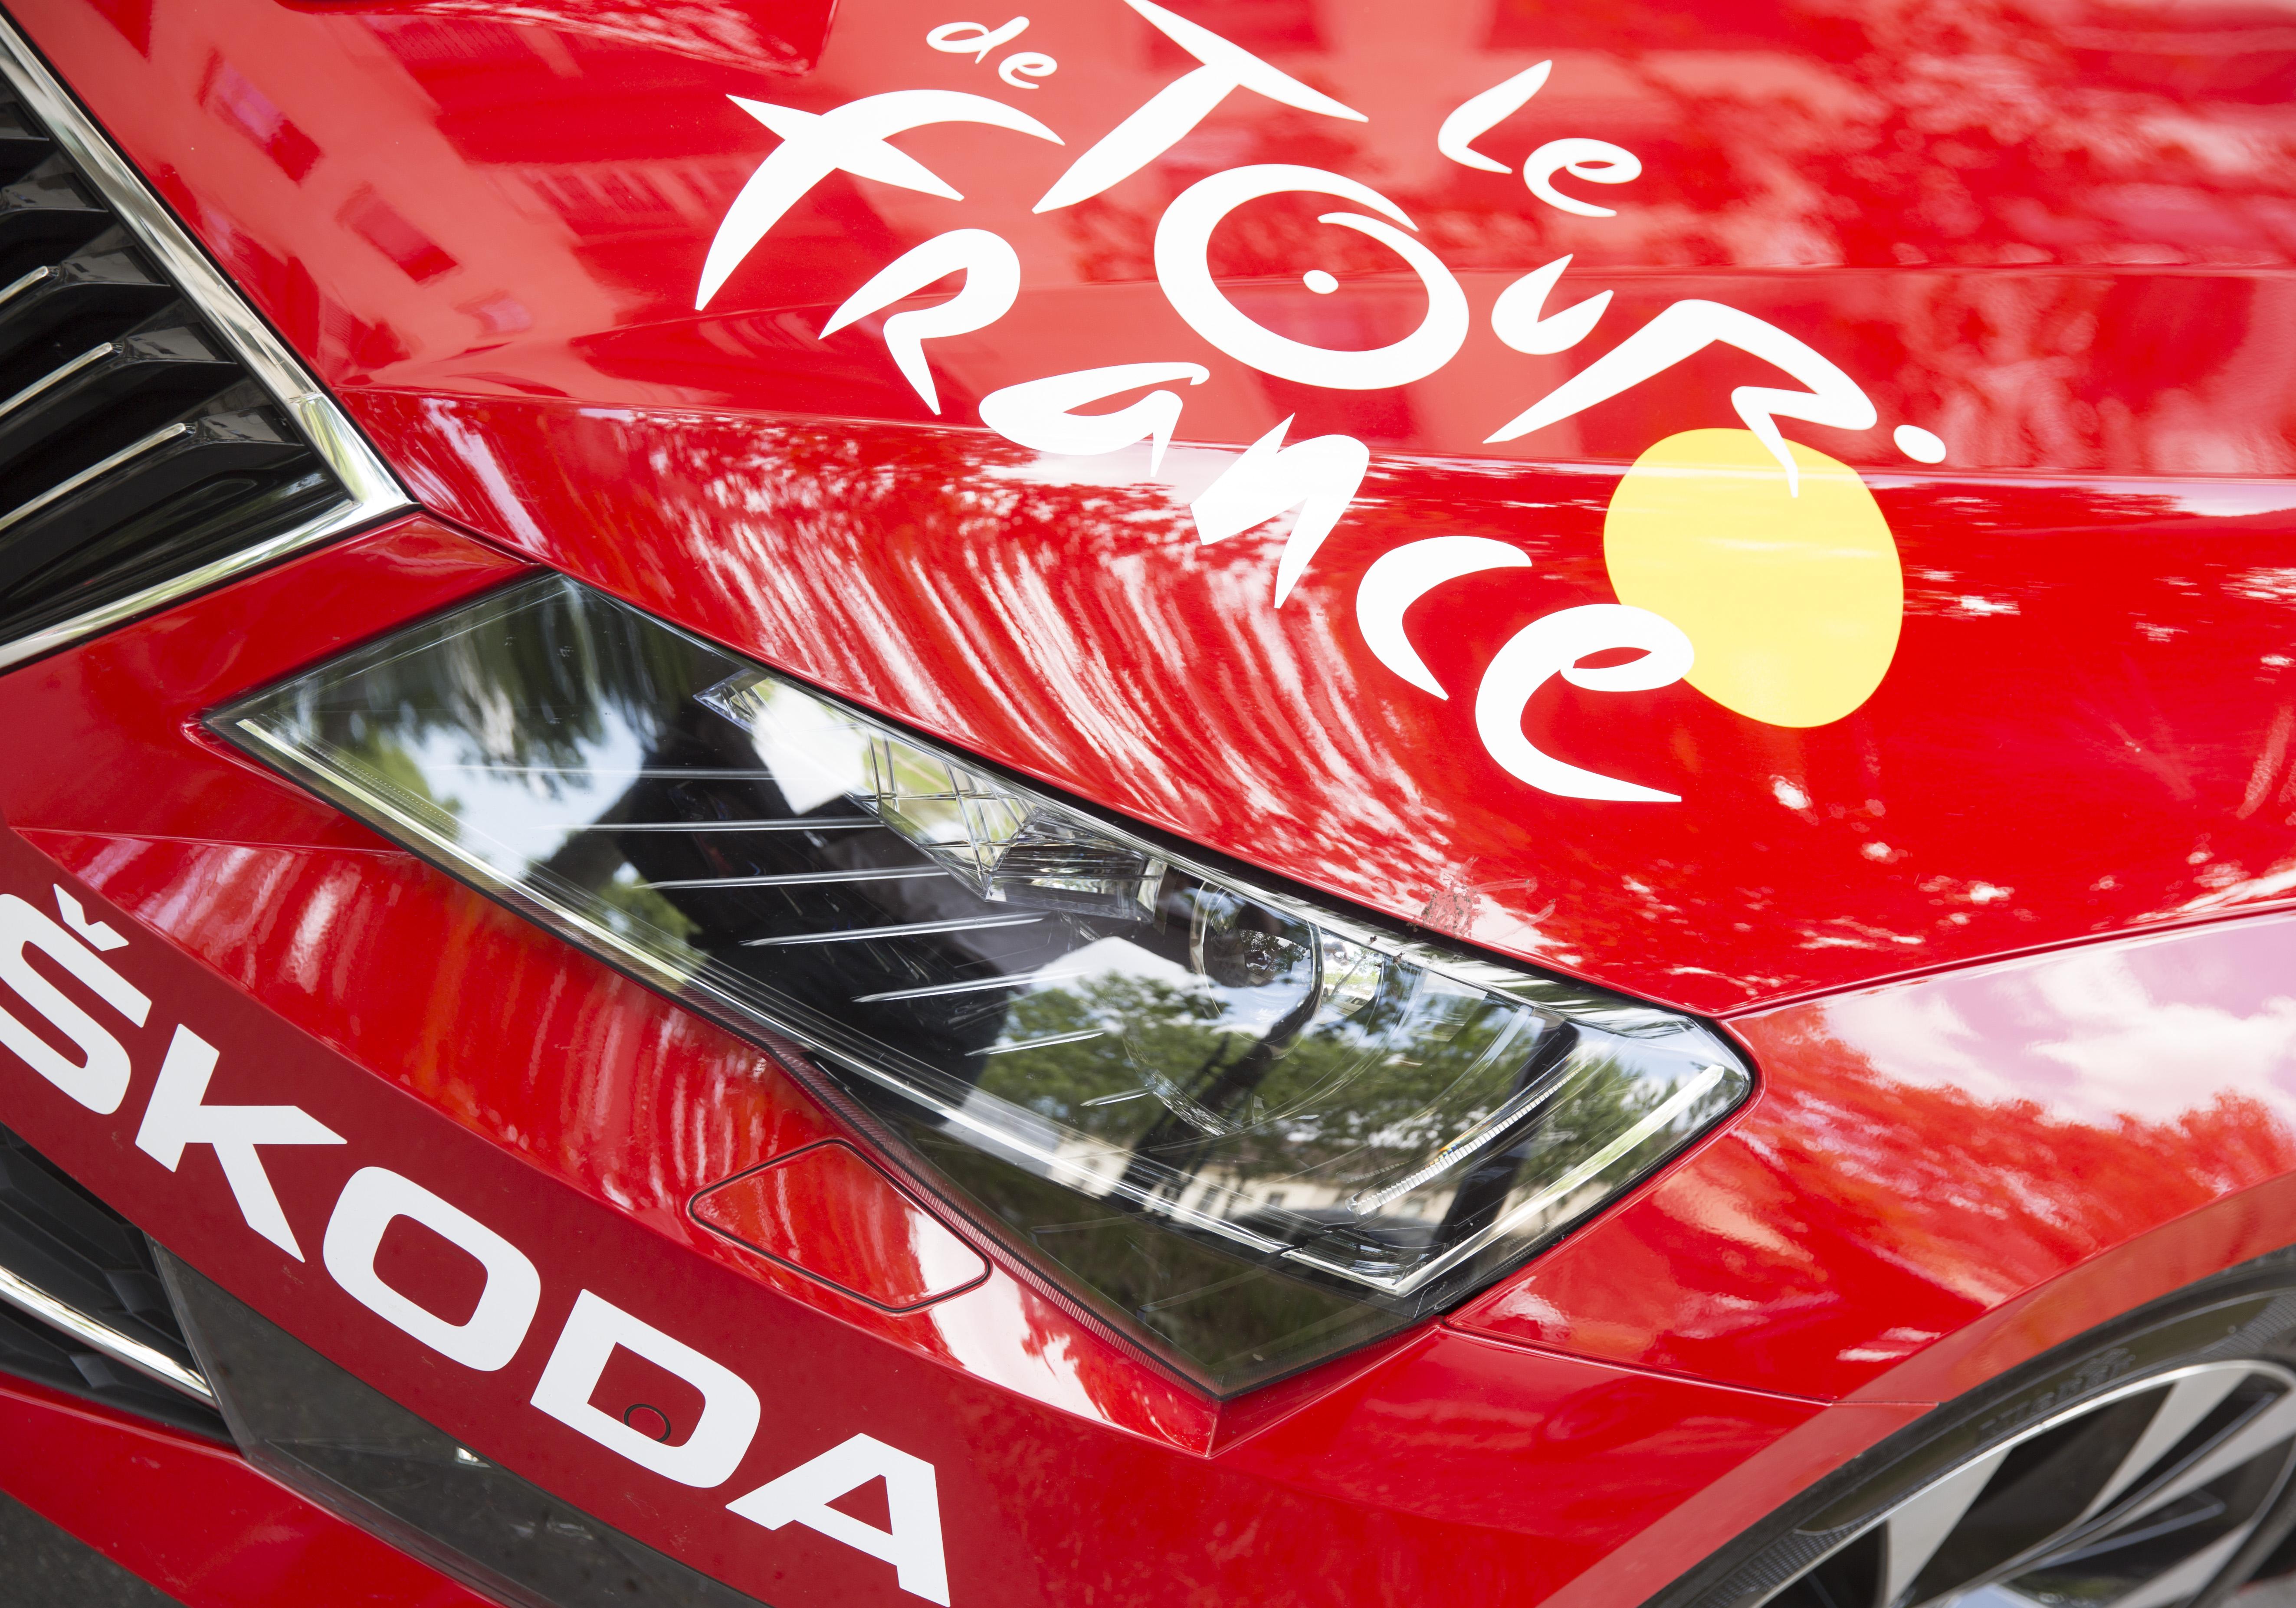 Tour de France, ředitelský vůz, Škoda Superb